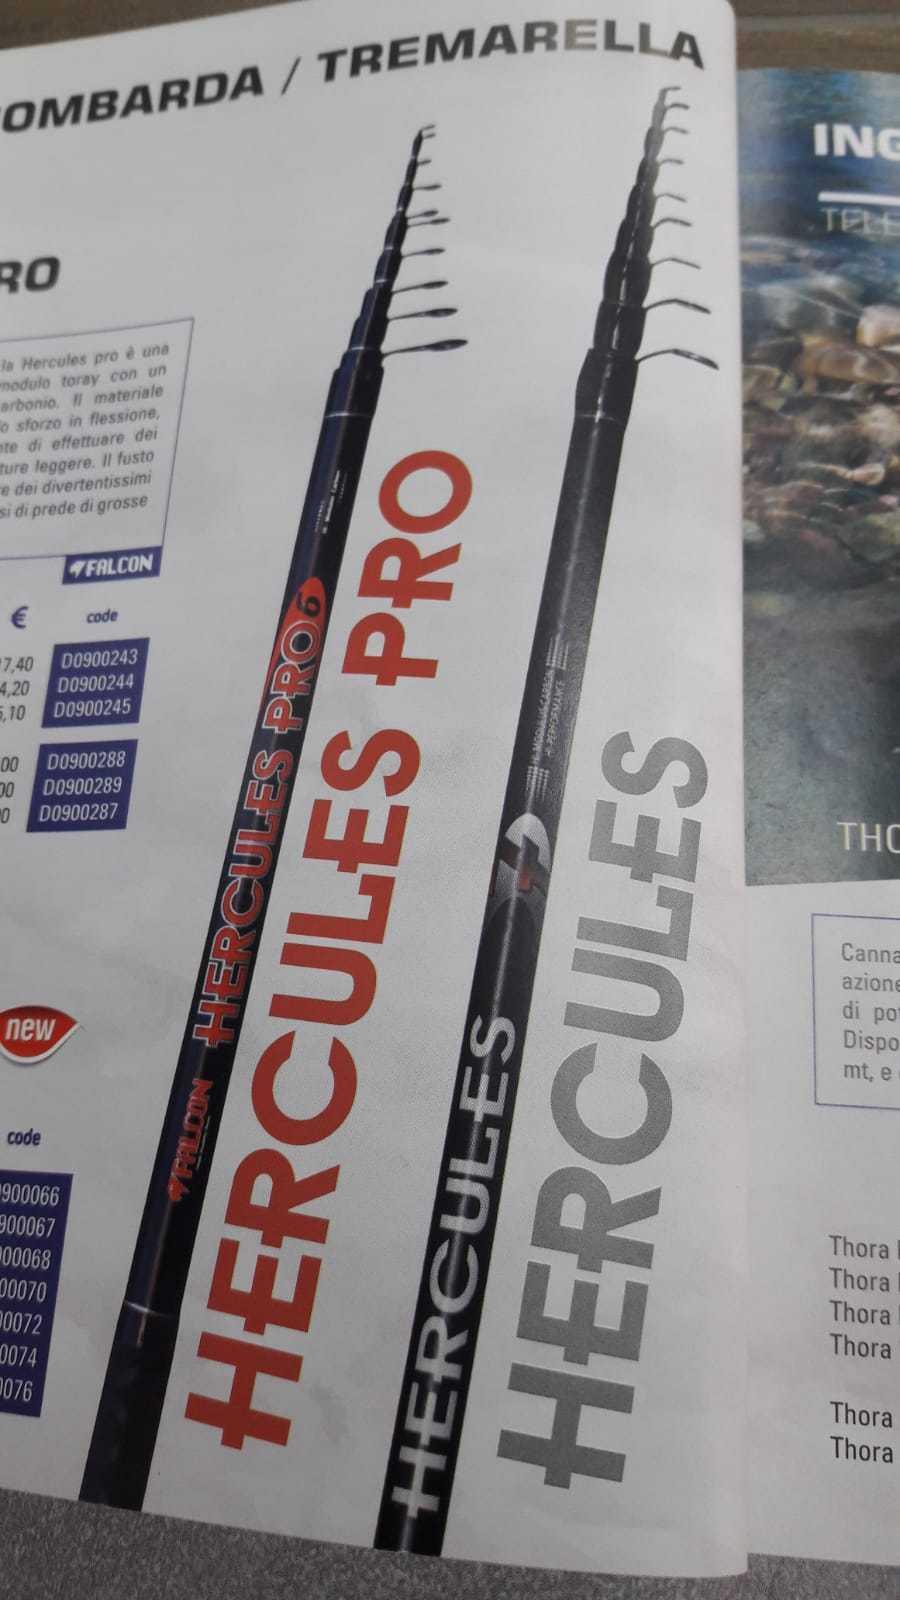 CANNA DA PESCA TREMARELLA BOMBARDA TROUT AREA TrossoA LAG HERCULES NEW AZ1234